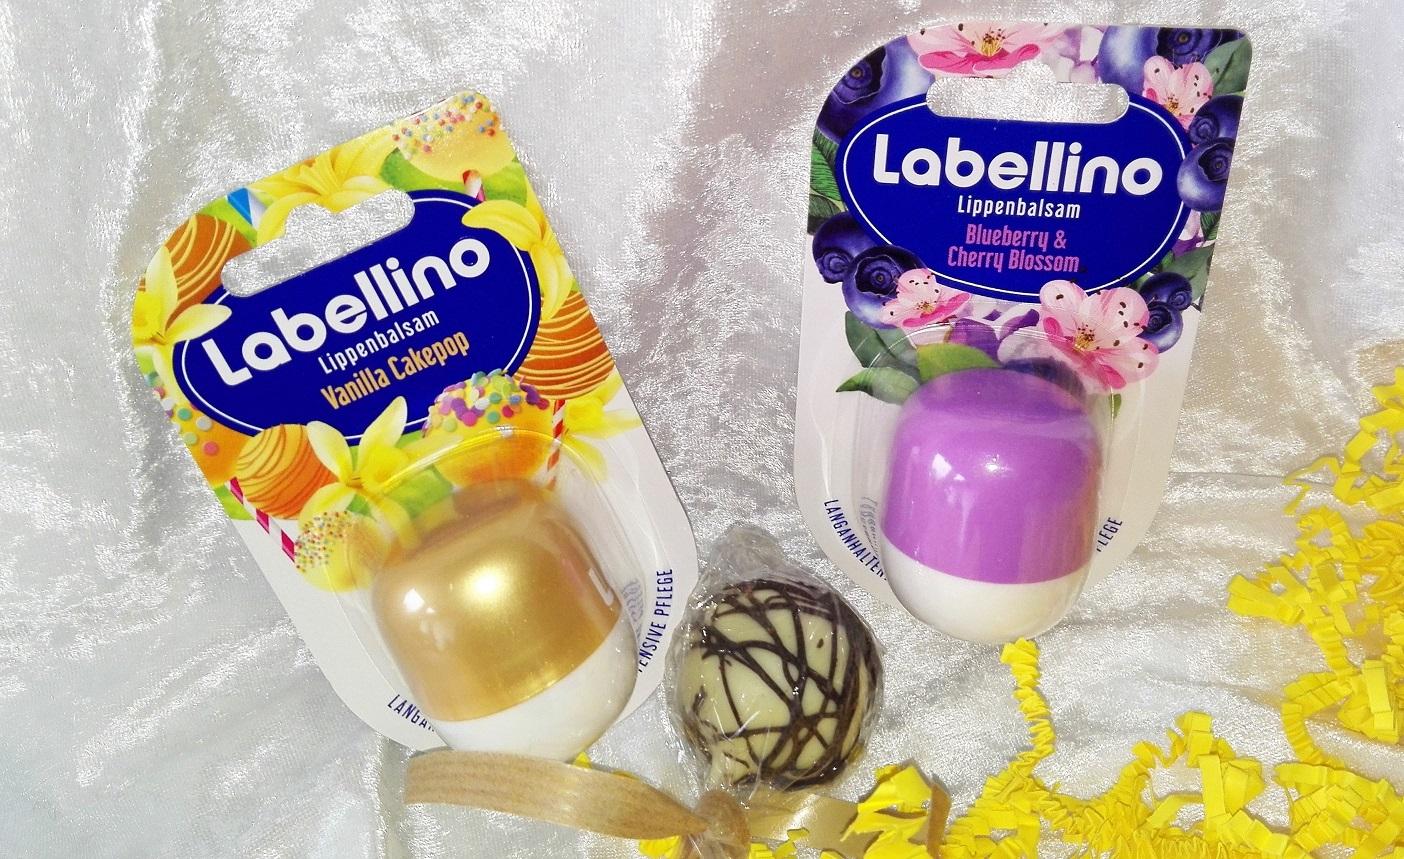 Labellino Vanilla Cakapo Cherry Blossom Test Erfahrung